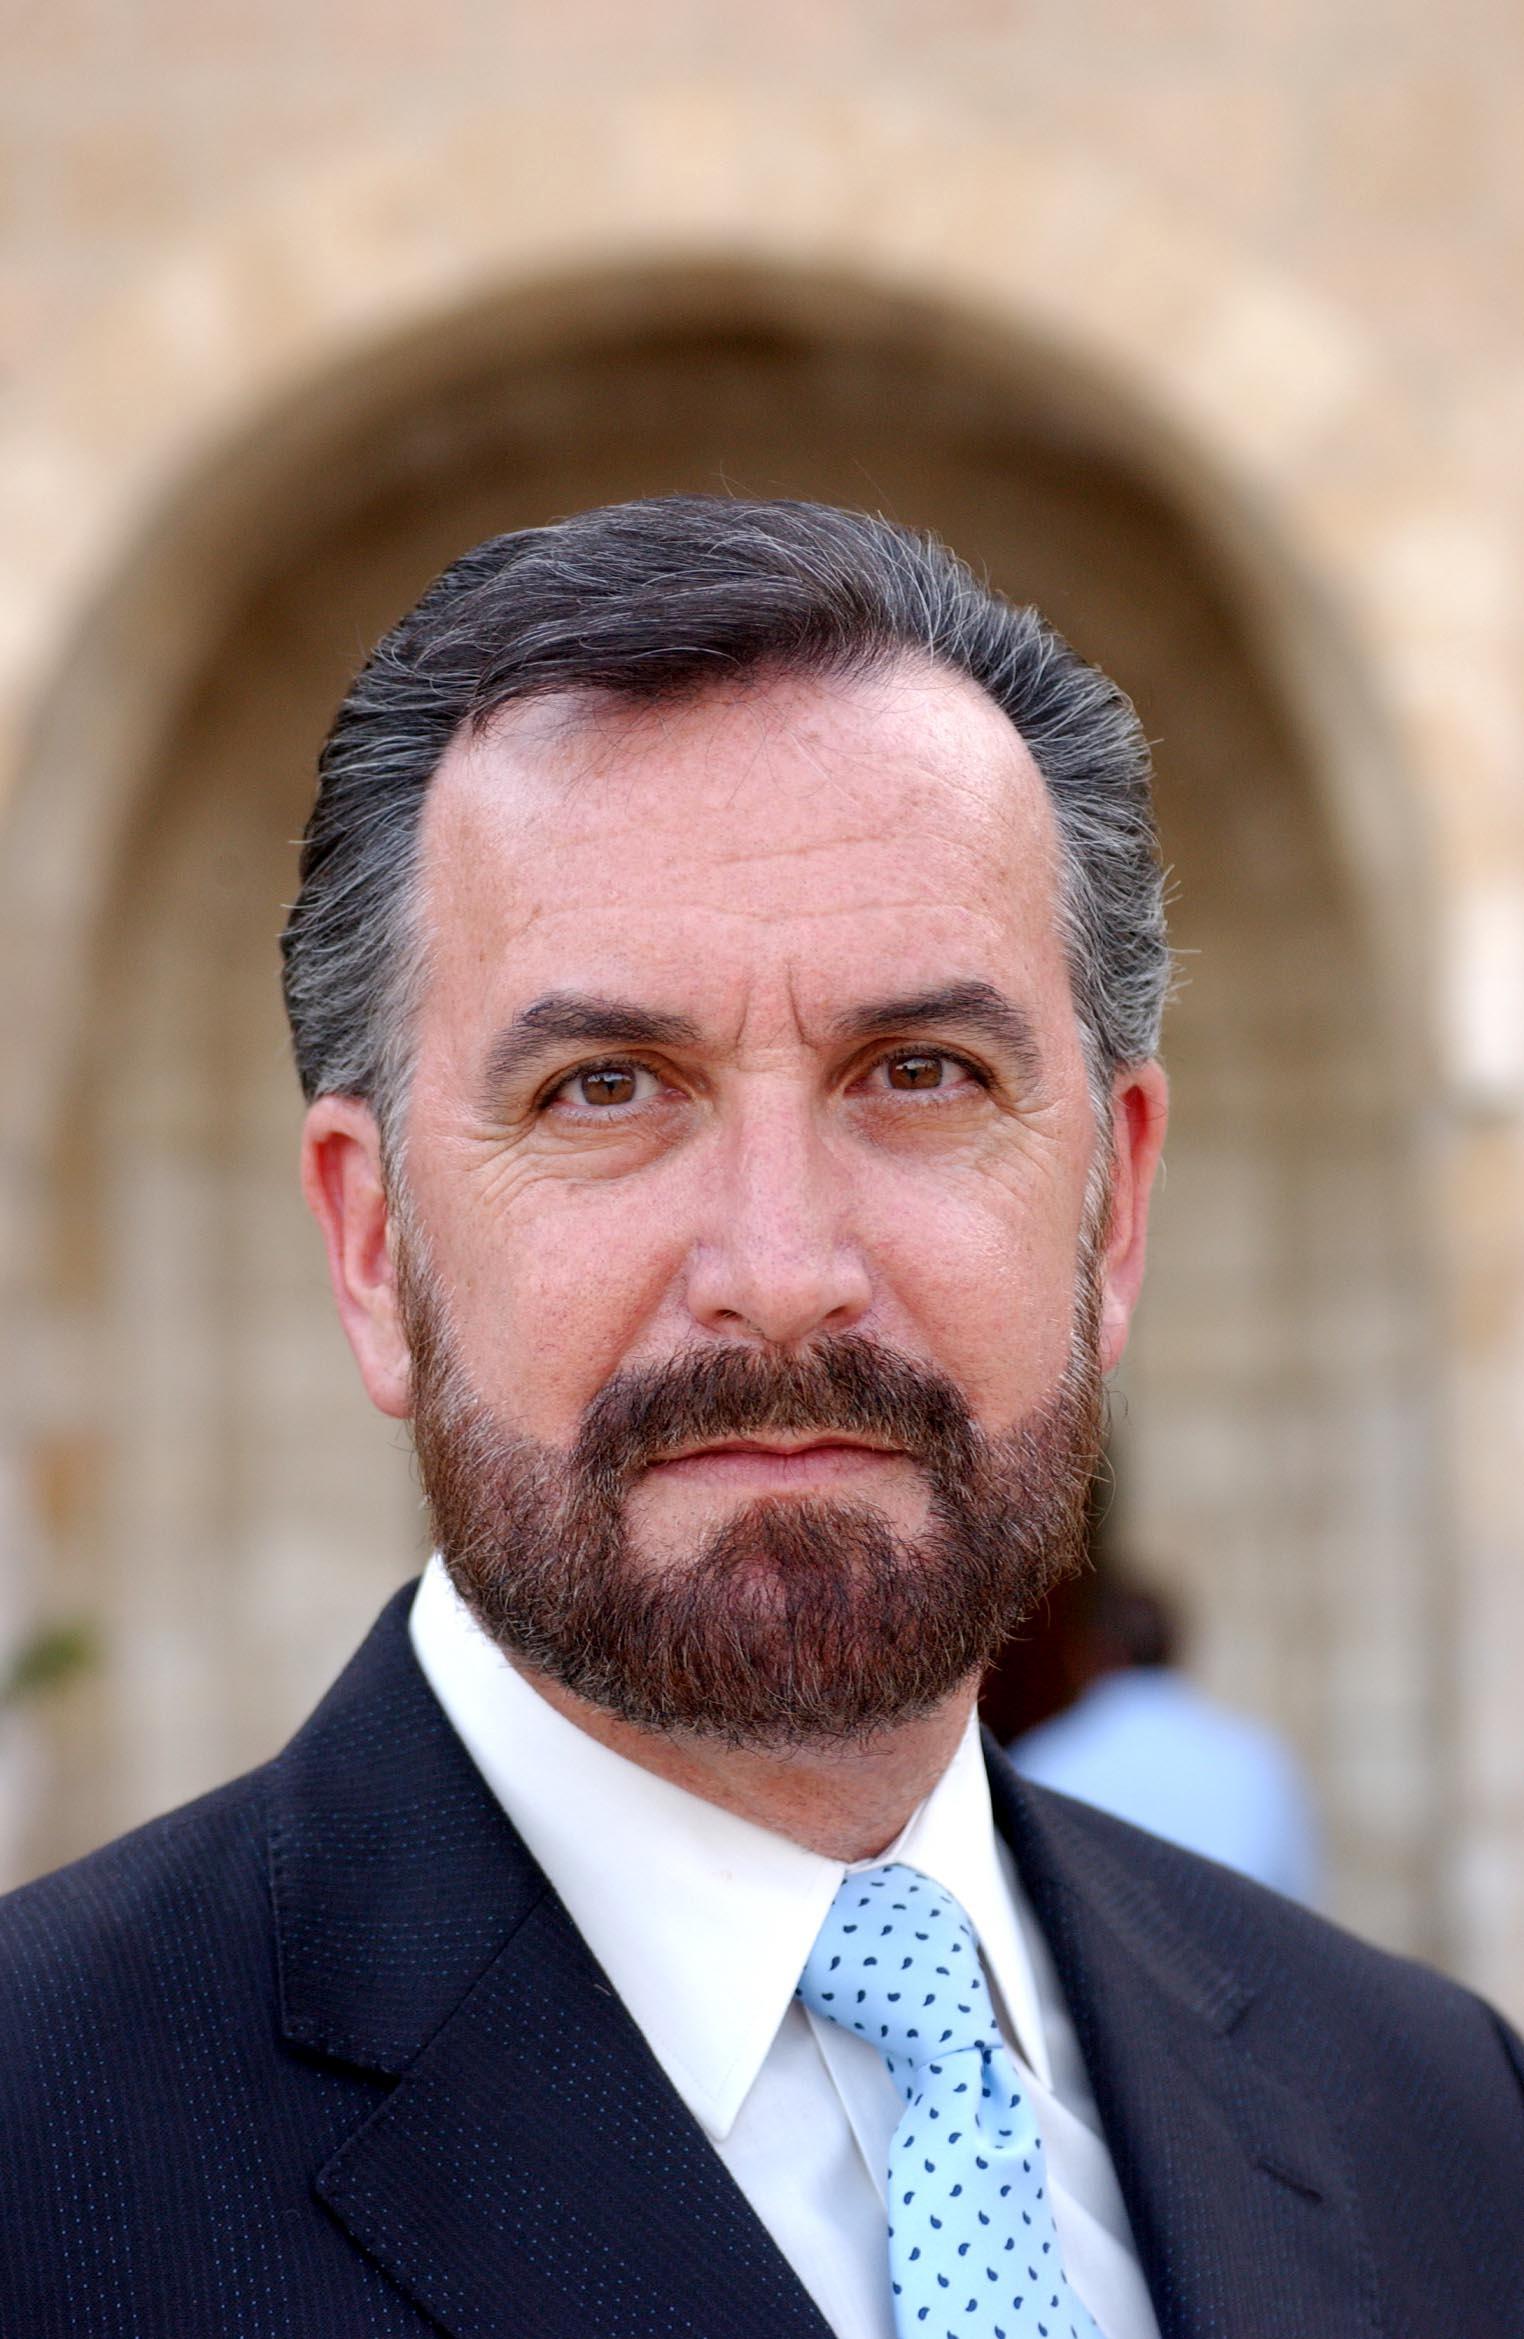 رابي يهودي محمد واحد أعظم الأنبياء الأمميين